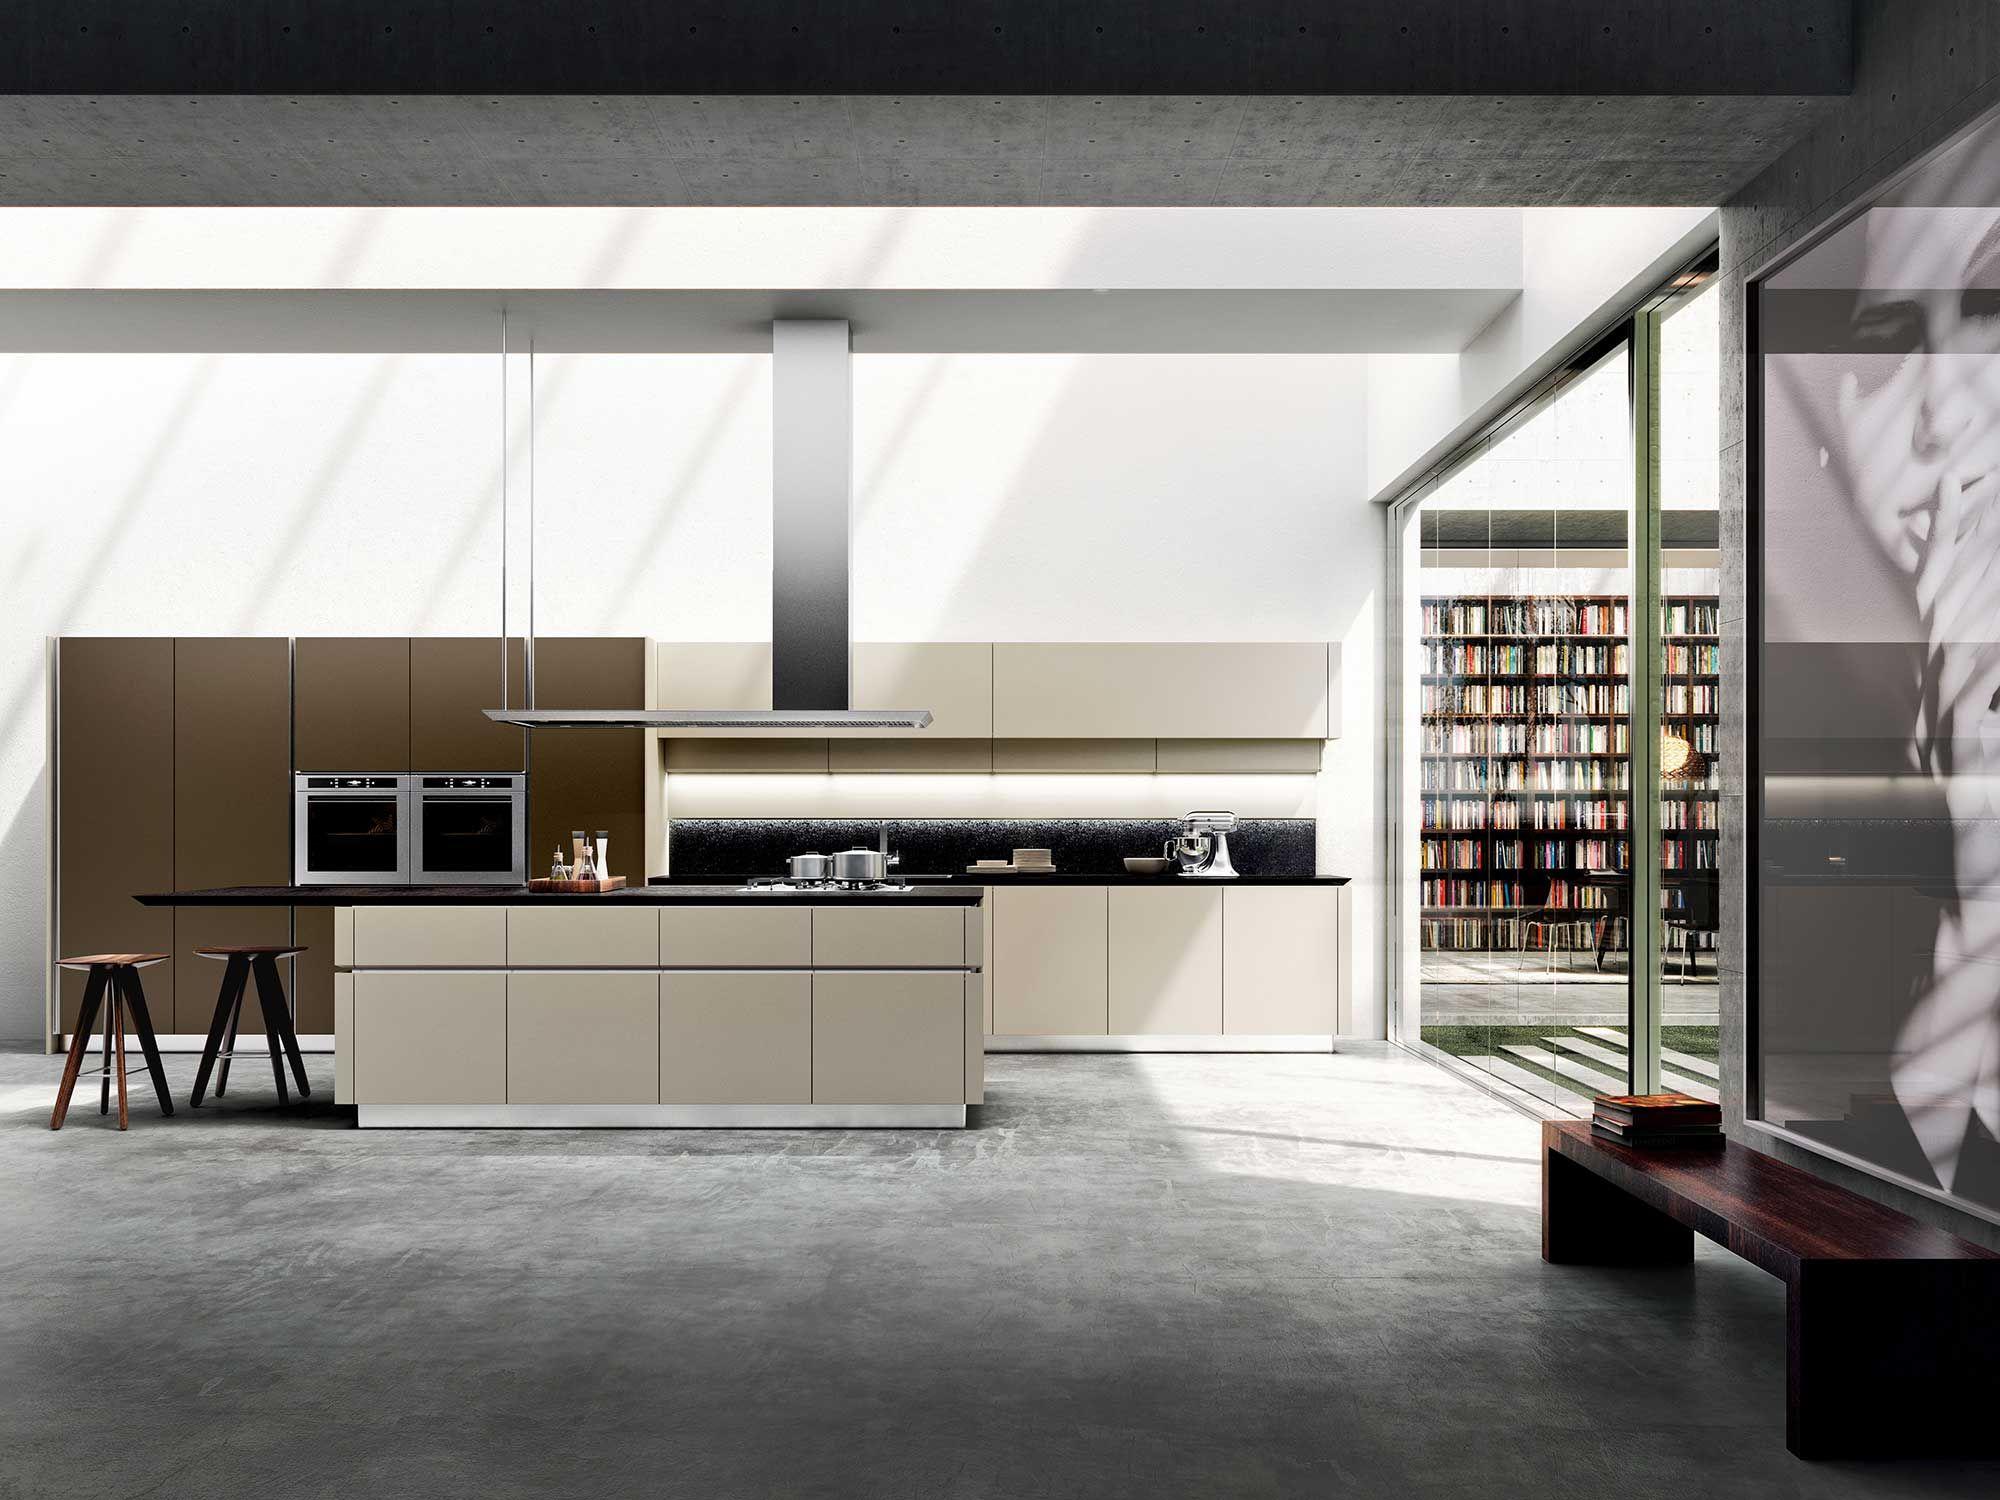 Italiaanse Keuken Ontwerp : Rudy`s over italiaanse design keukens e d foto`s van de